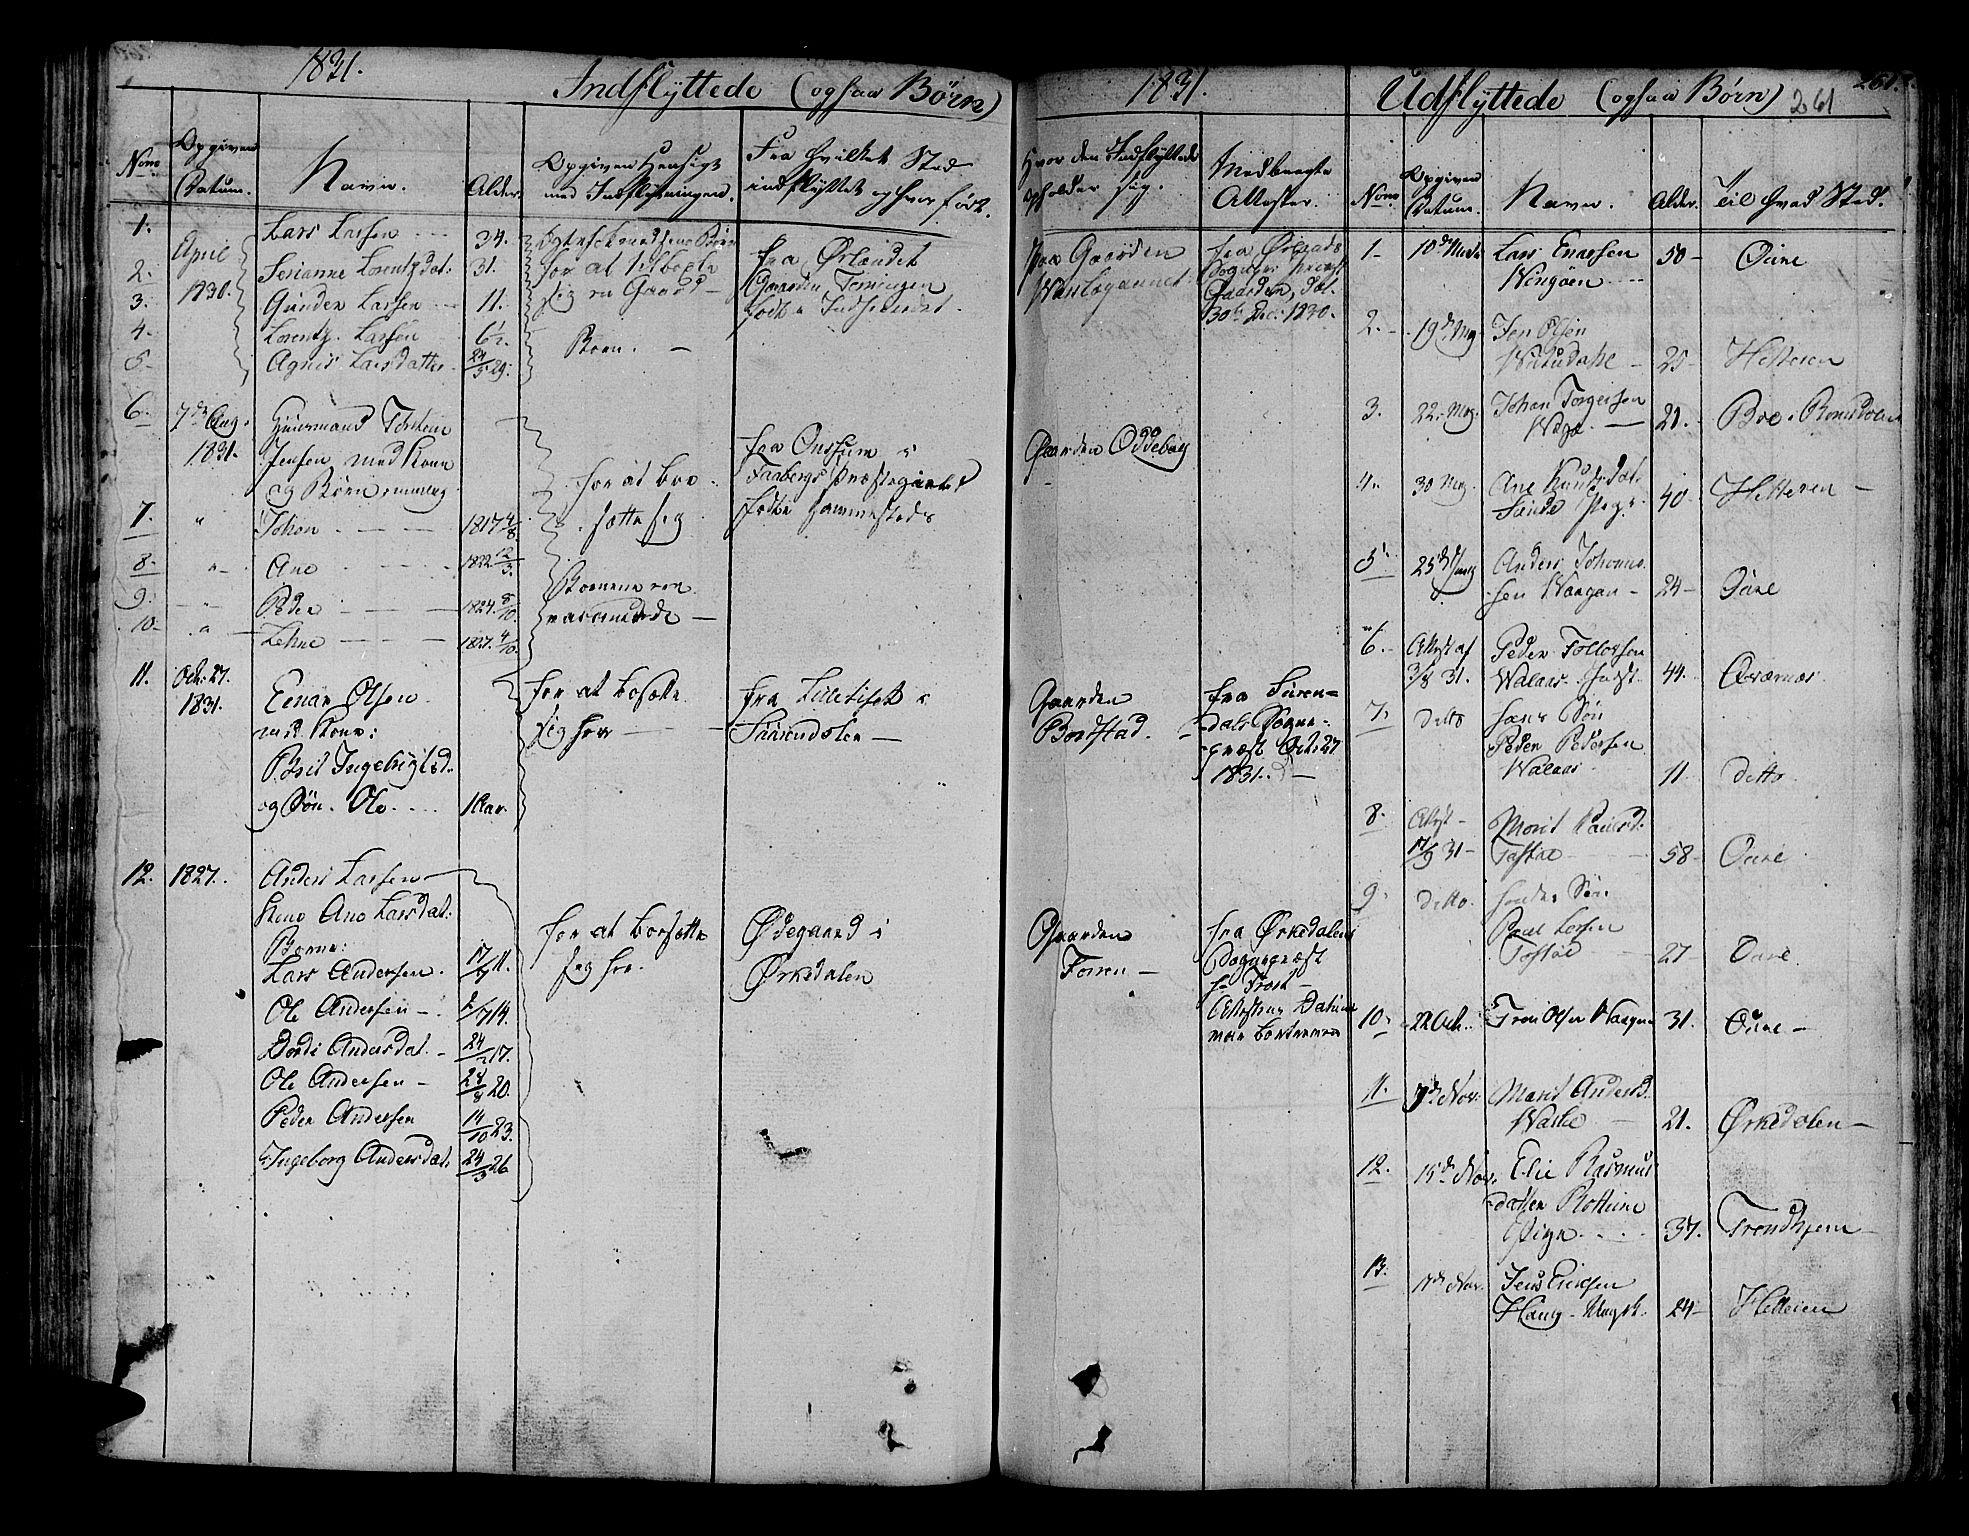 SAT, Ministerialprotokoller, klokkerbøker og fødselsregistre - Sør-Trøndelag, 630/L0492: Ministerialbok nr. 630A05, 1830-1840, s. 261